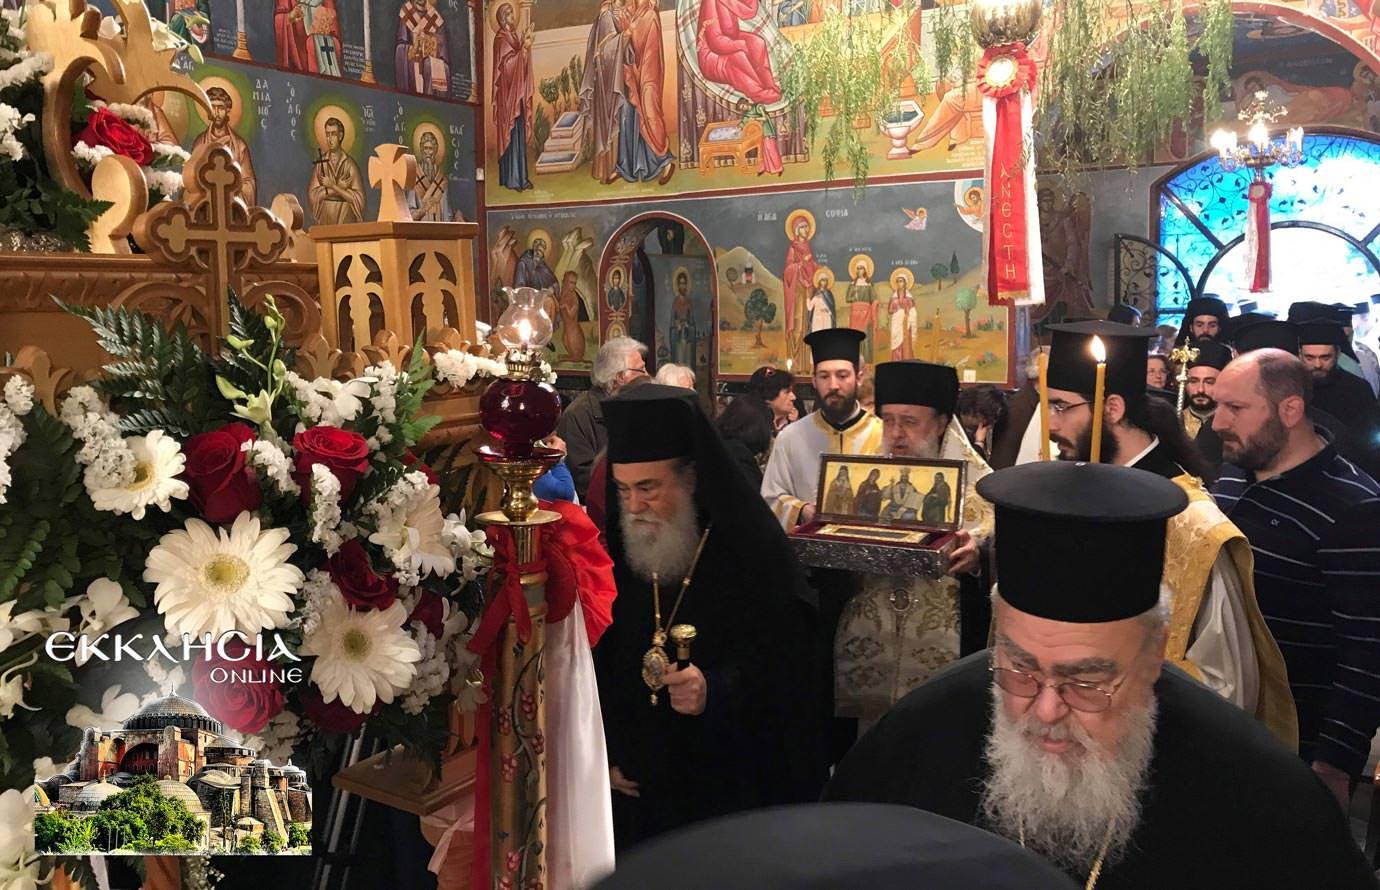 αγία ματρώνα ιερά λείψανα ιερός ναός ερυθραία